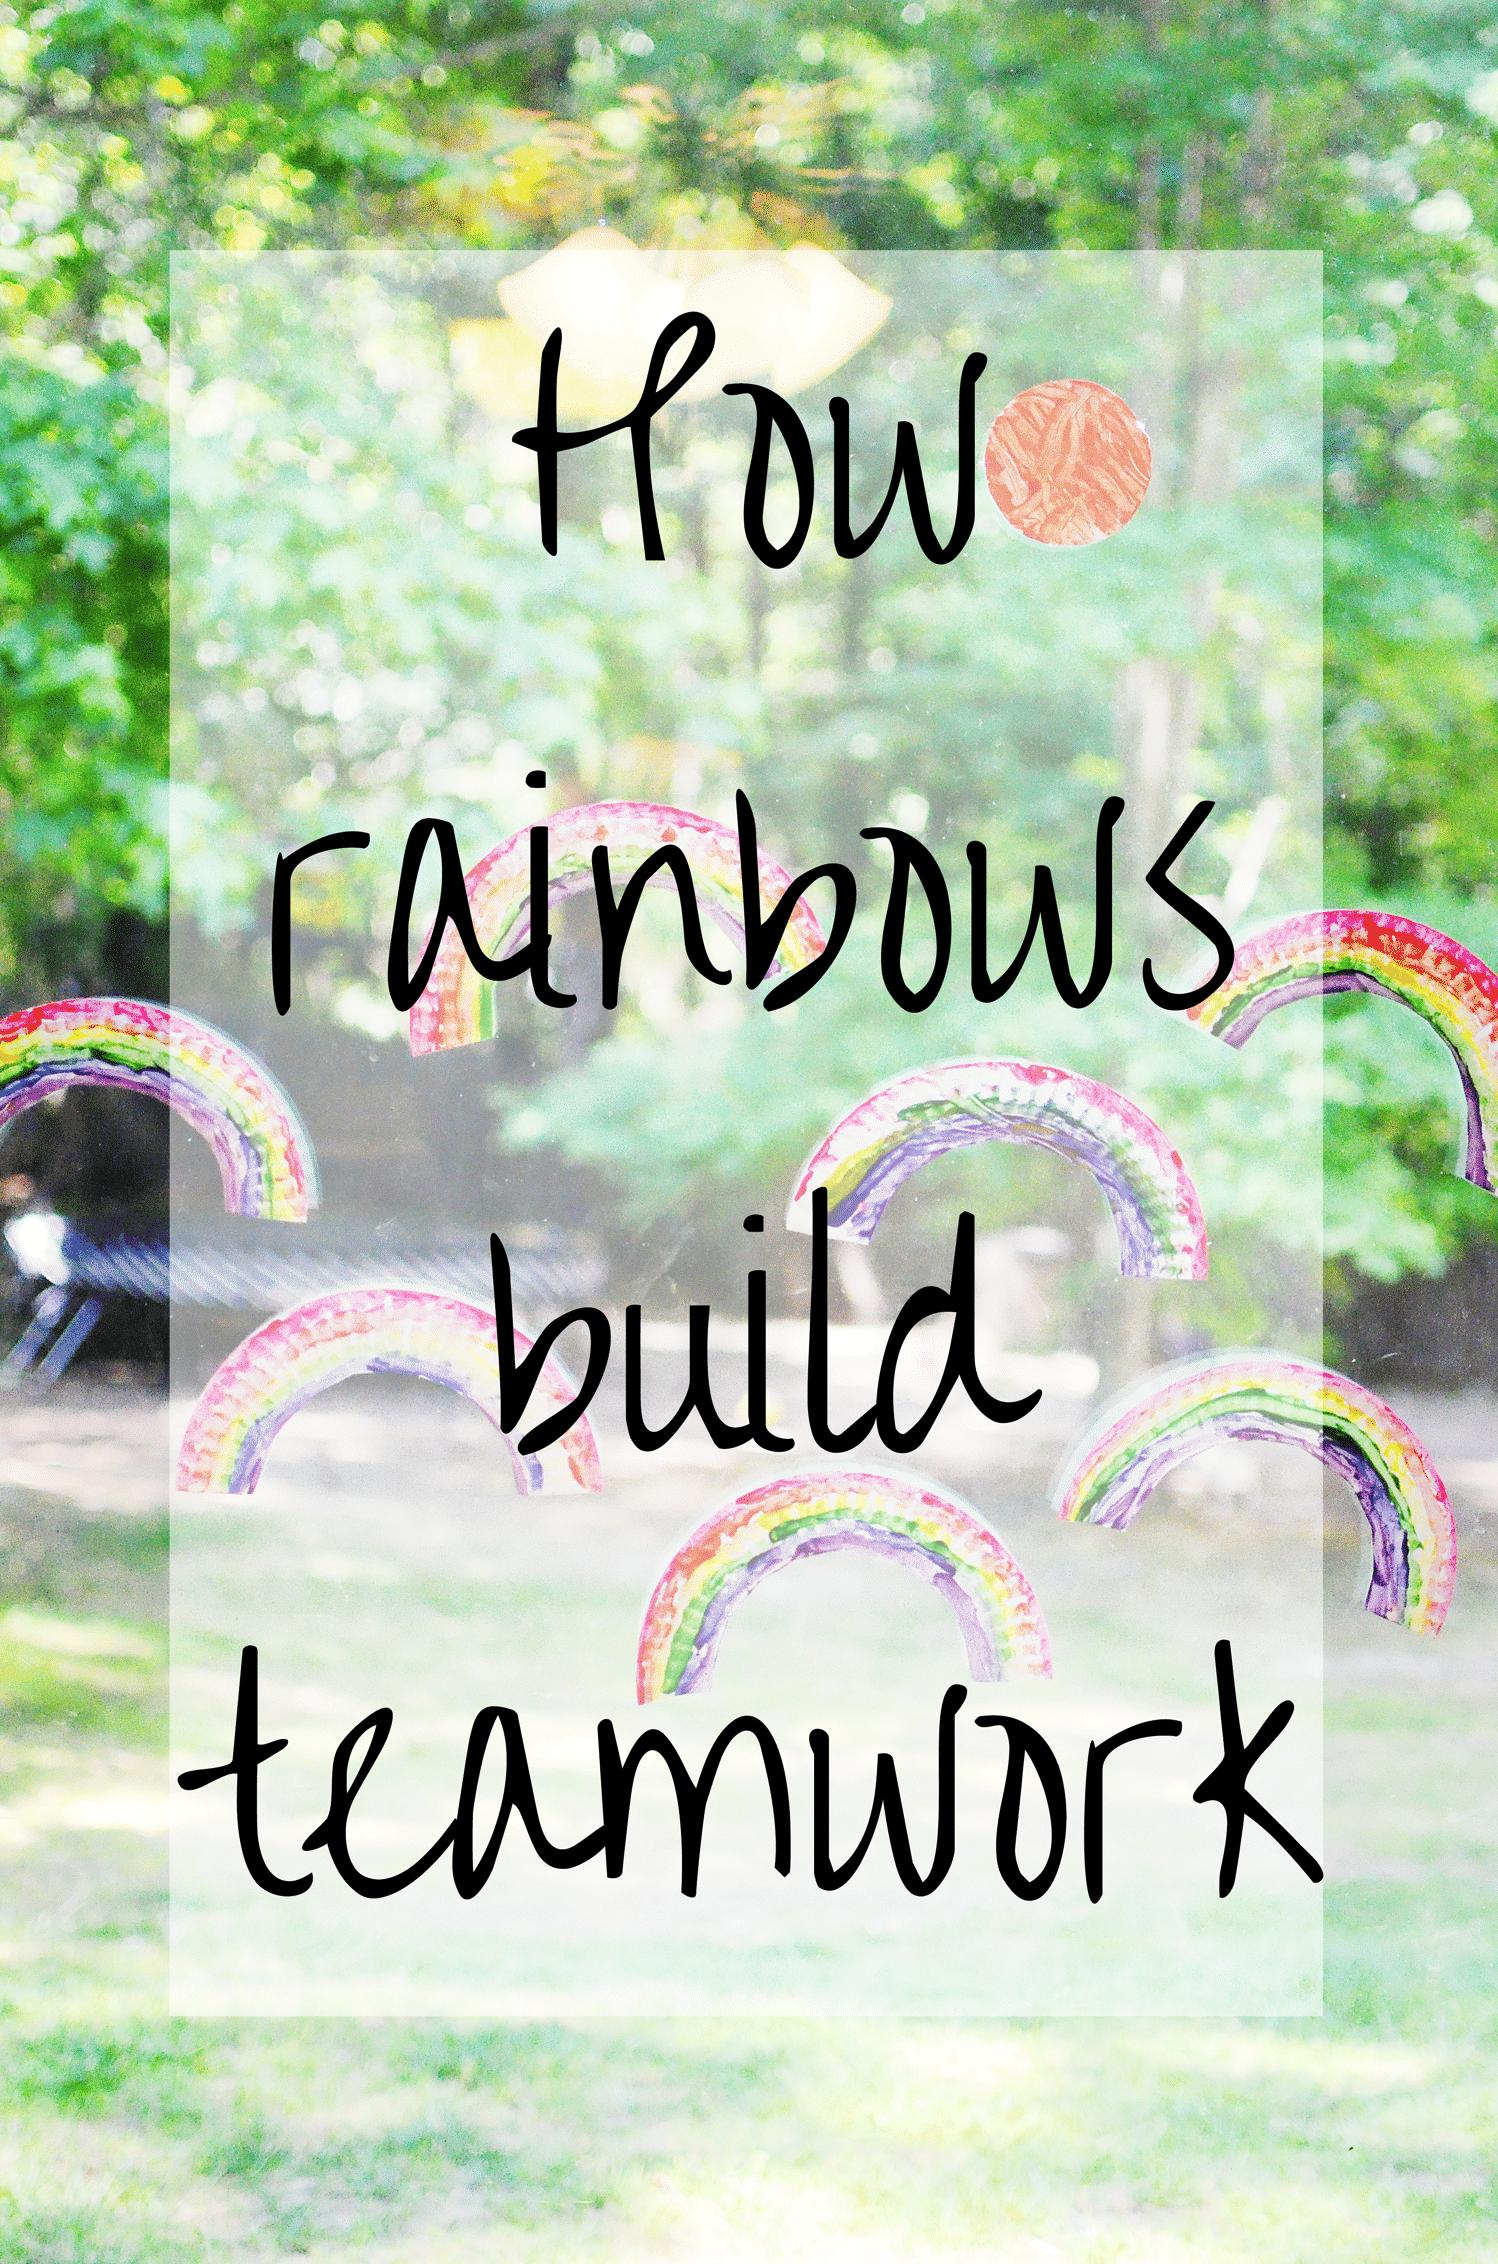 How rainbows build teamwork